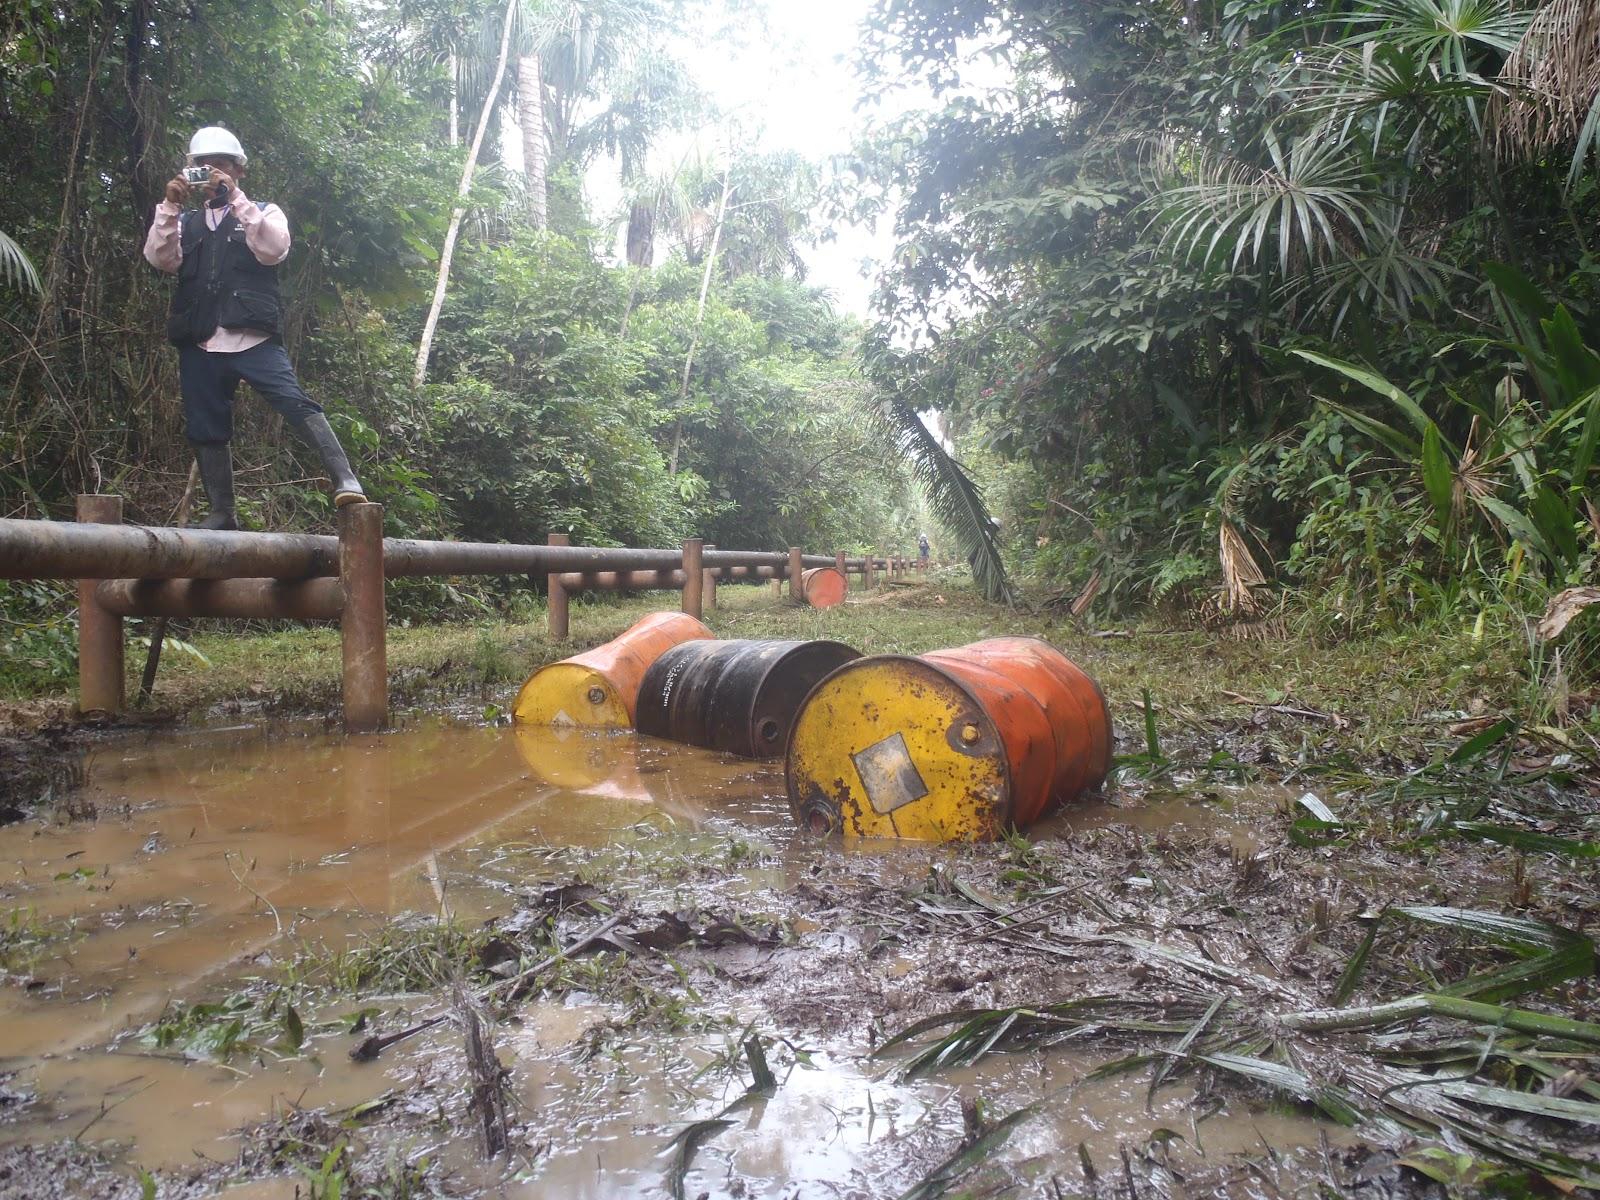 Los monitores ambientales indígenas han cumplido un papel protagónico en las investigaciones ambientales realizadas por autoridades públicas. Sin un registro de pasivos e impactos de contaminación, ellos son los ojos de la vigilancia ambiental. Foto: FECONAT.